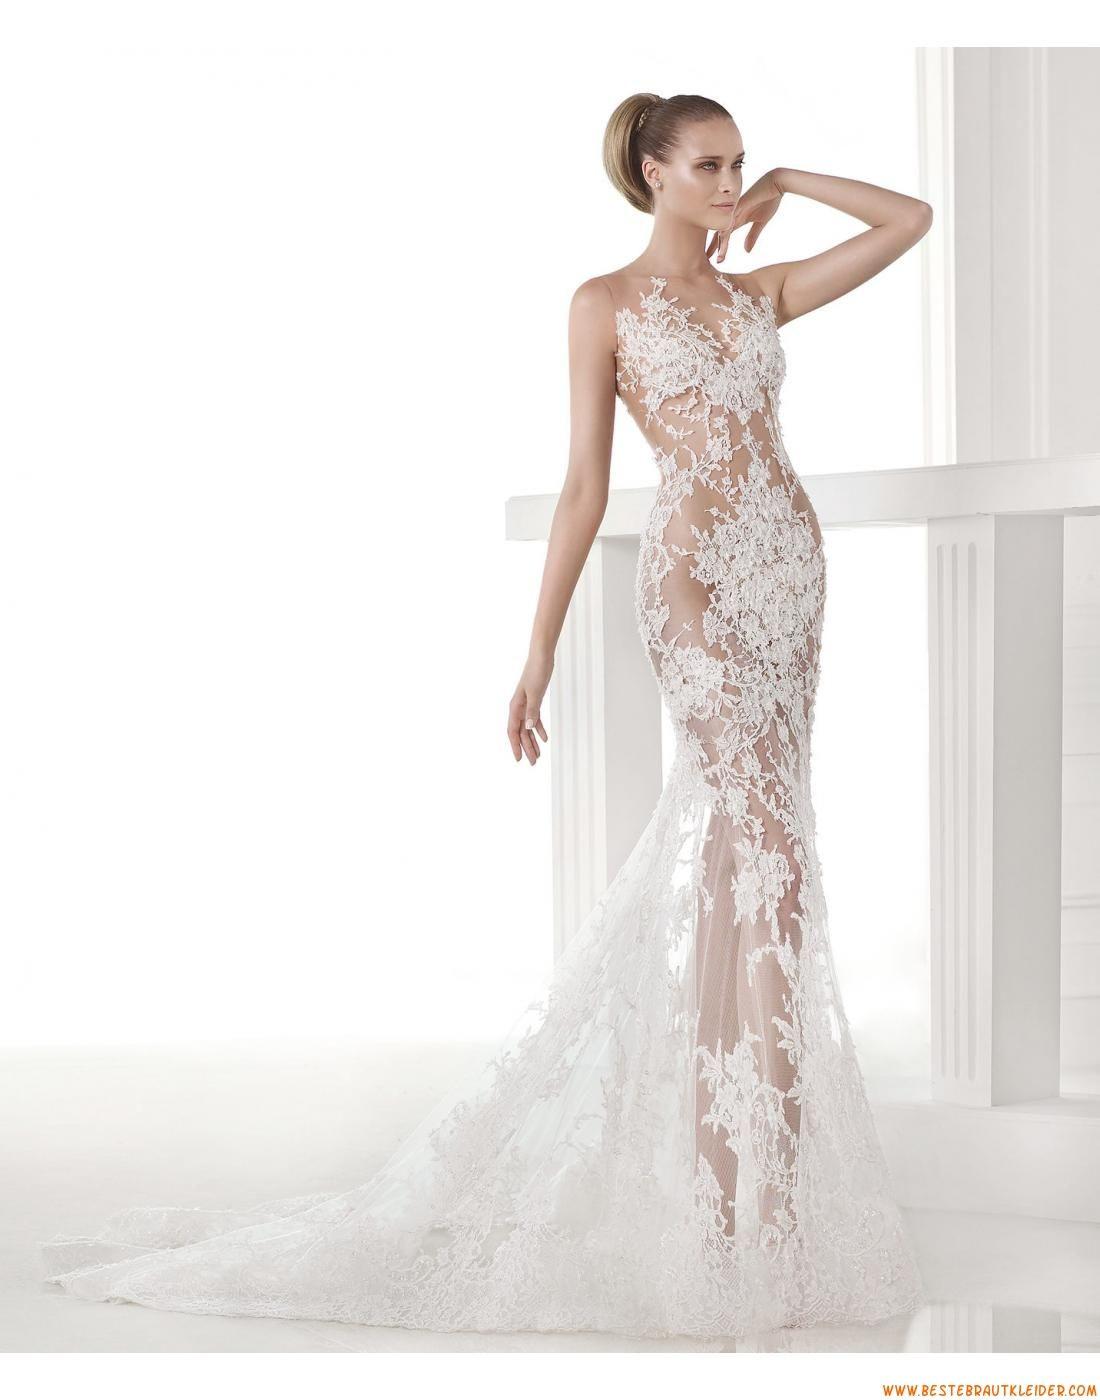 Abend Fantastisch Außergewöhnliche Brautkleider SpezialgebietAbend Perfekt Außergewöhnliche Brautkleider Boutique